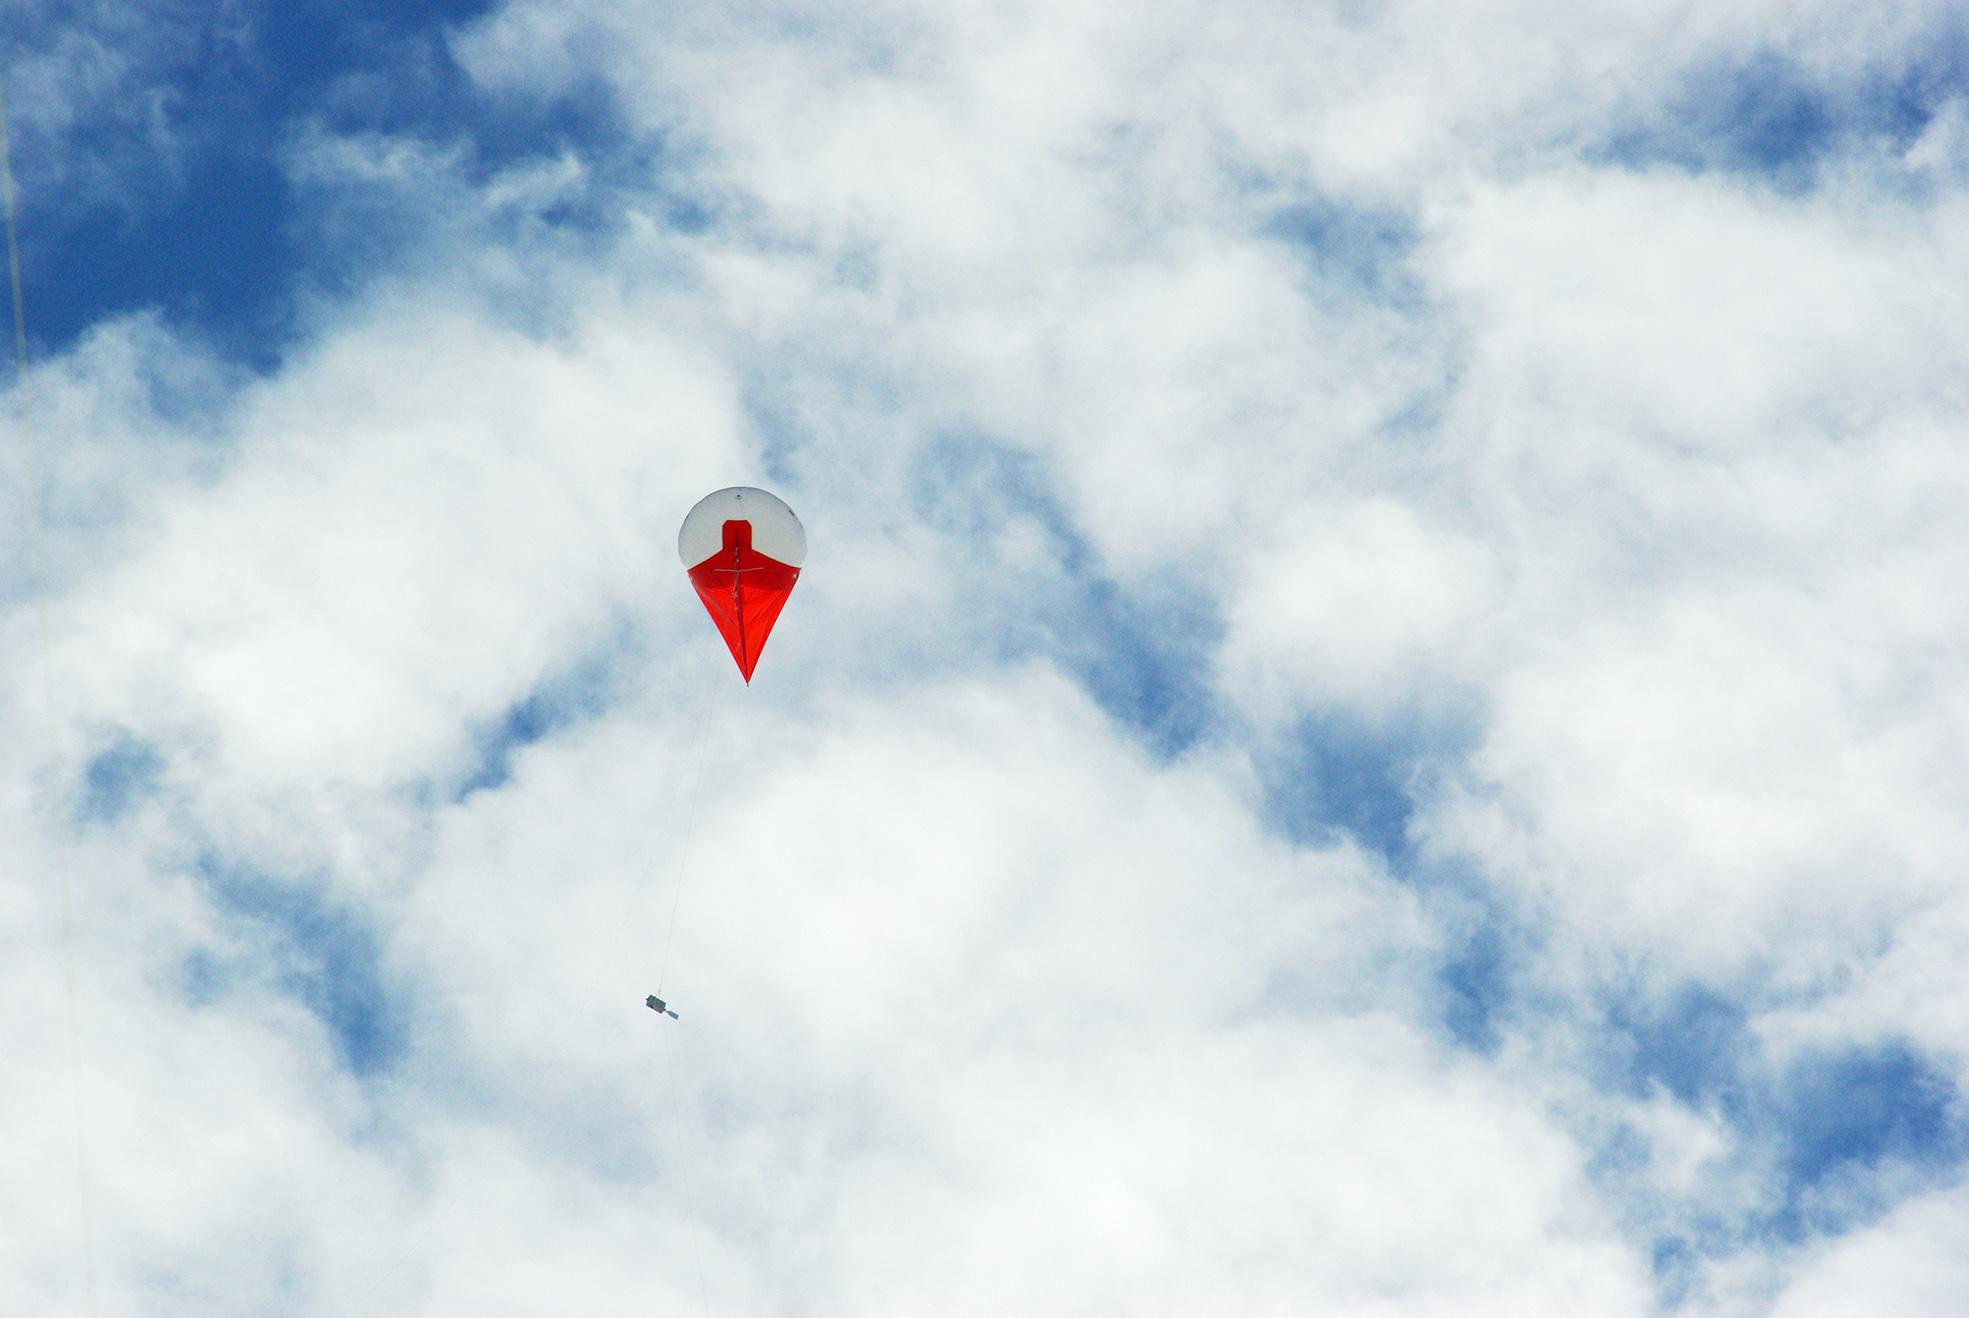 Ballongen på jakt efter moln för mätningar. Foto: Ian Brooks